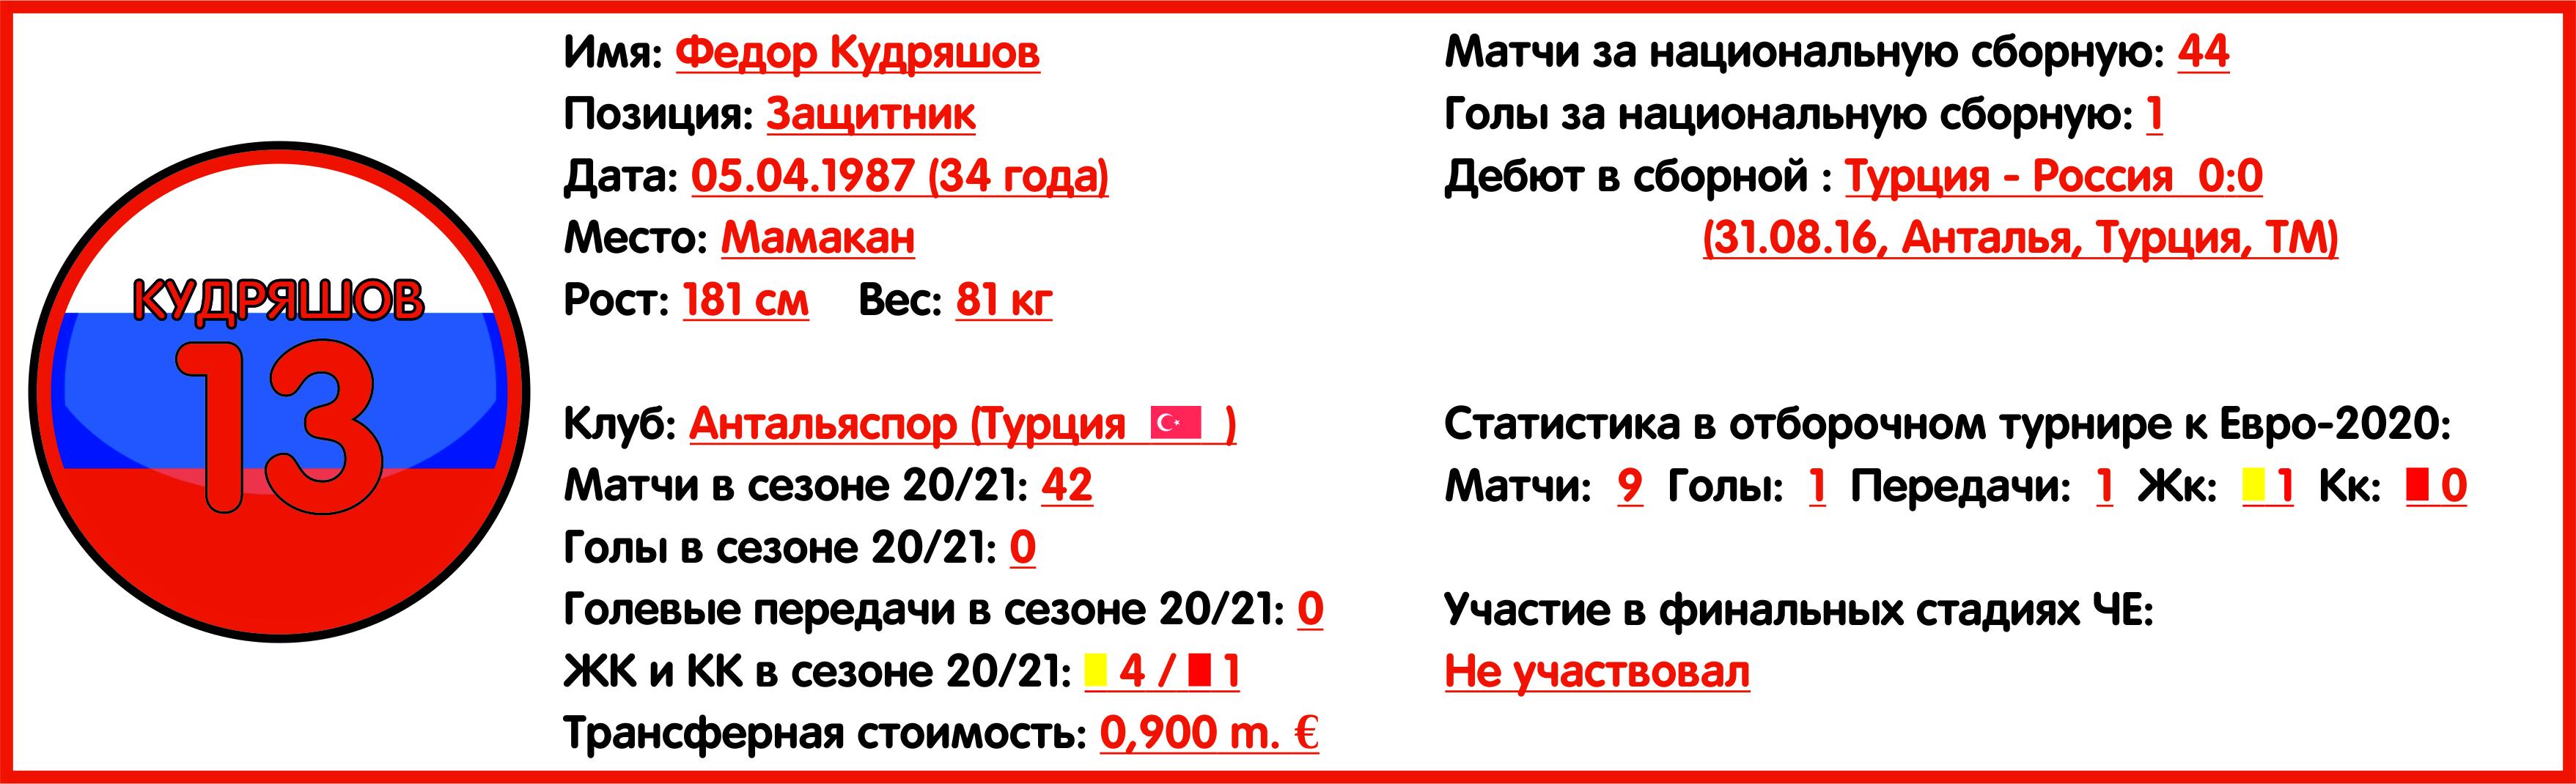 Чемпионат Европы 2020. Группа B. Сборная России: состав, статистика, путь к турниру, расписание матчей и многое другое